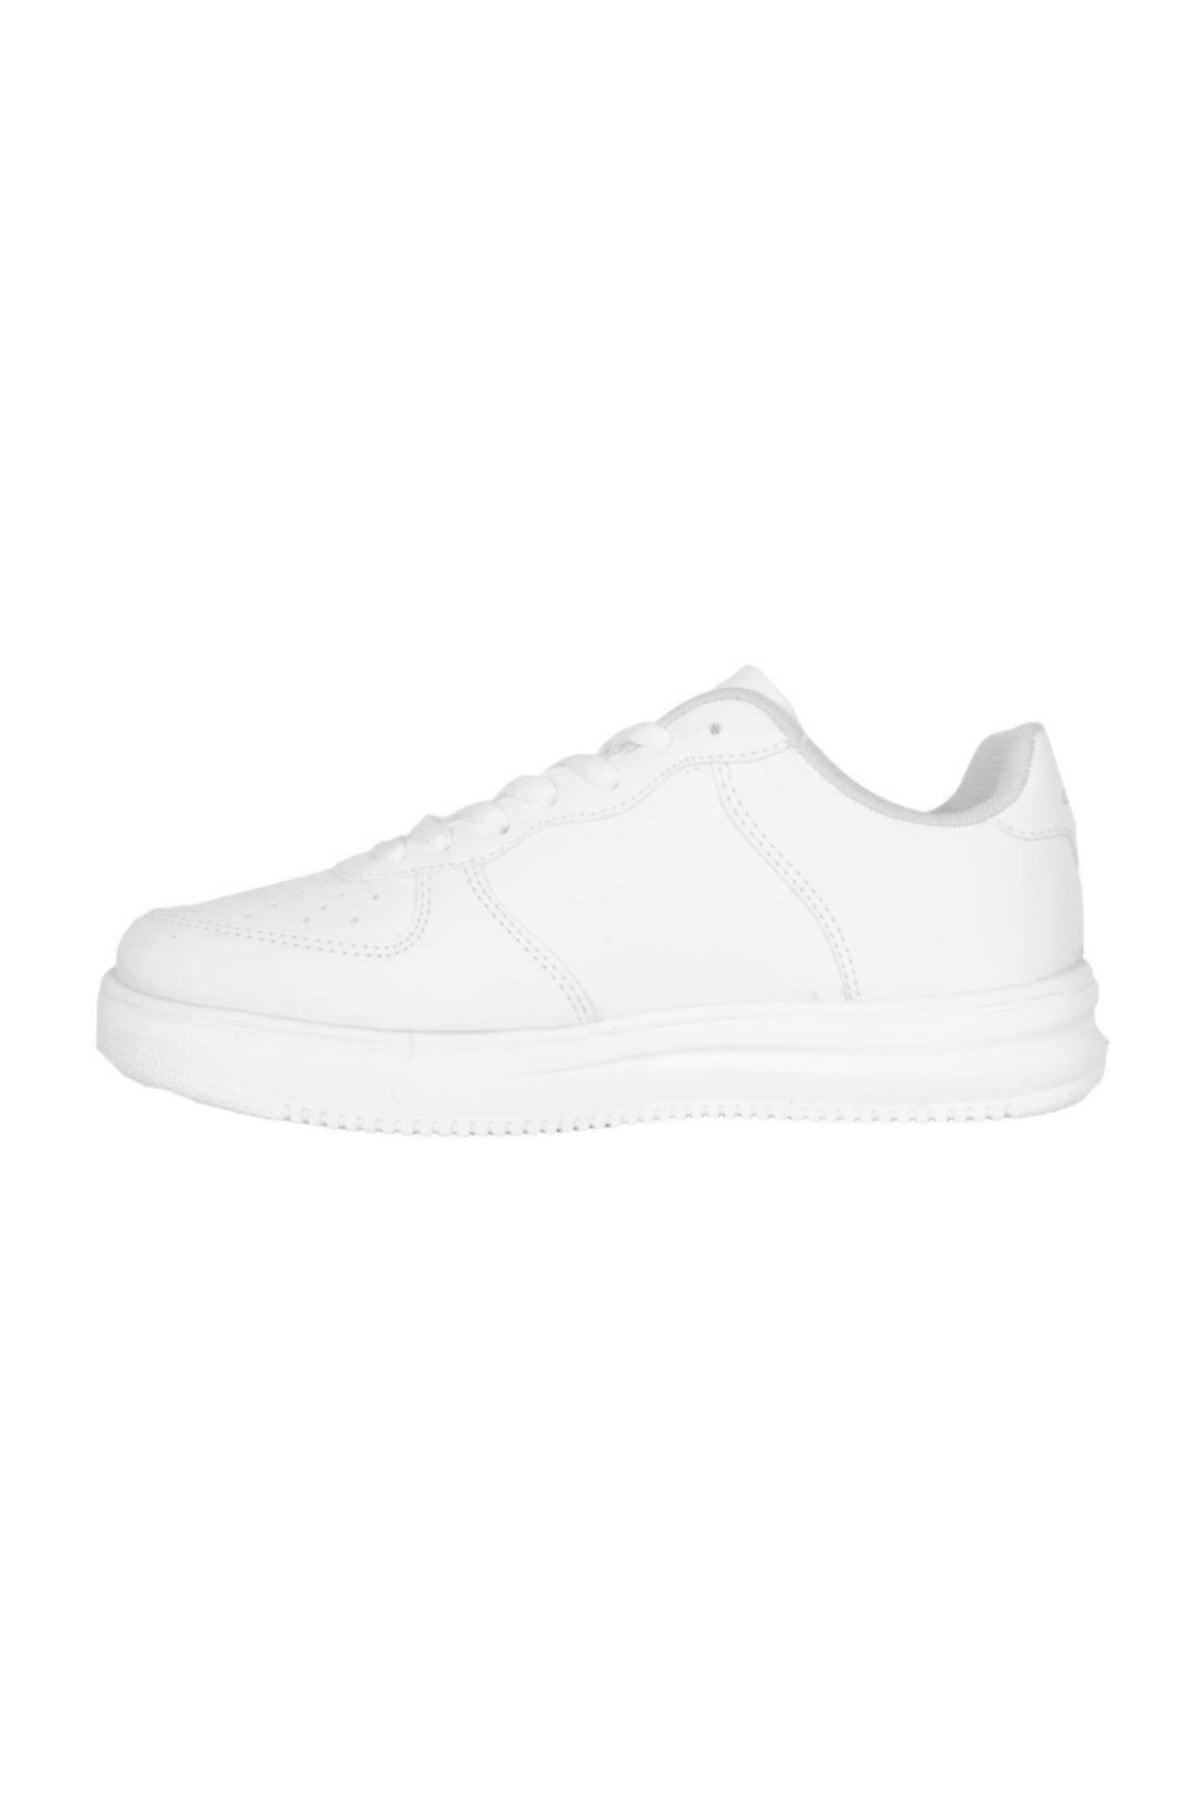 Cheta C042 Beyaz Günlük Yürüyüş Spor Ayakkabı 2